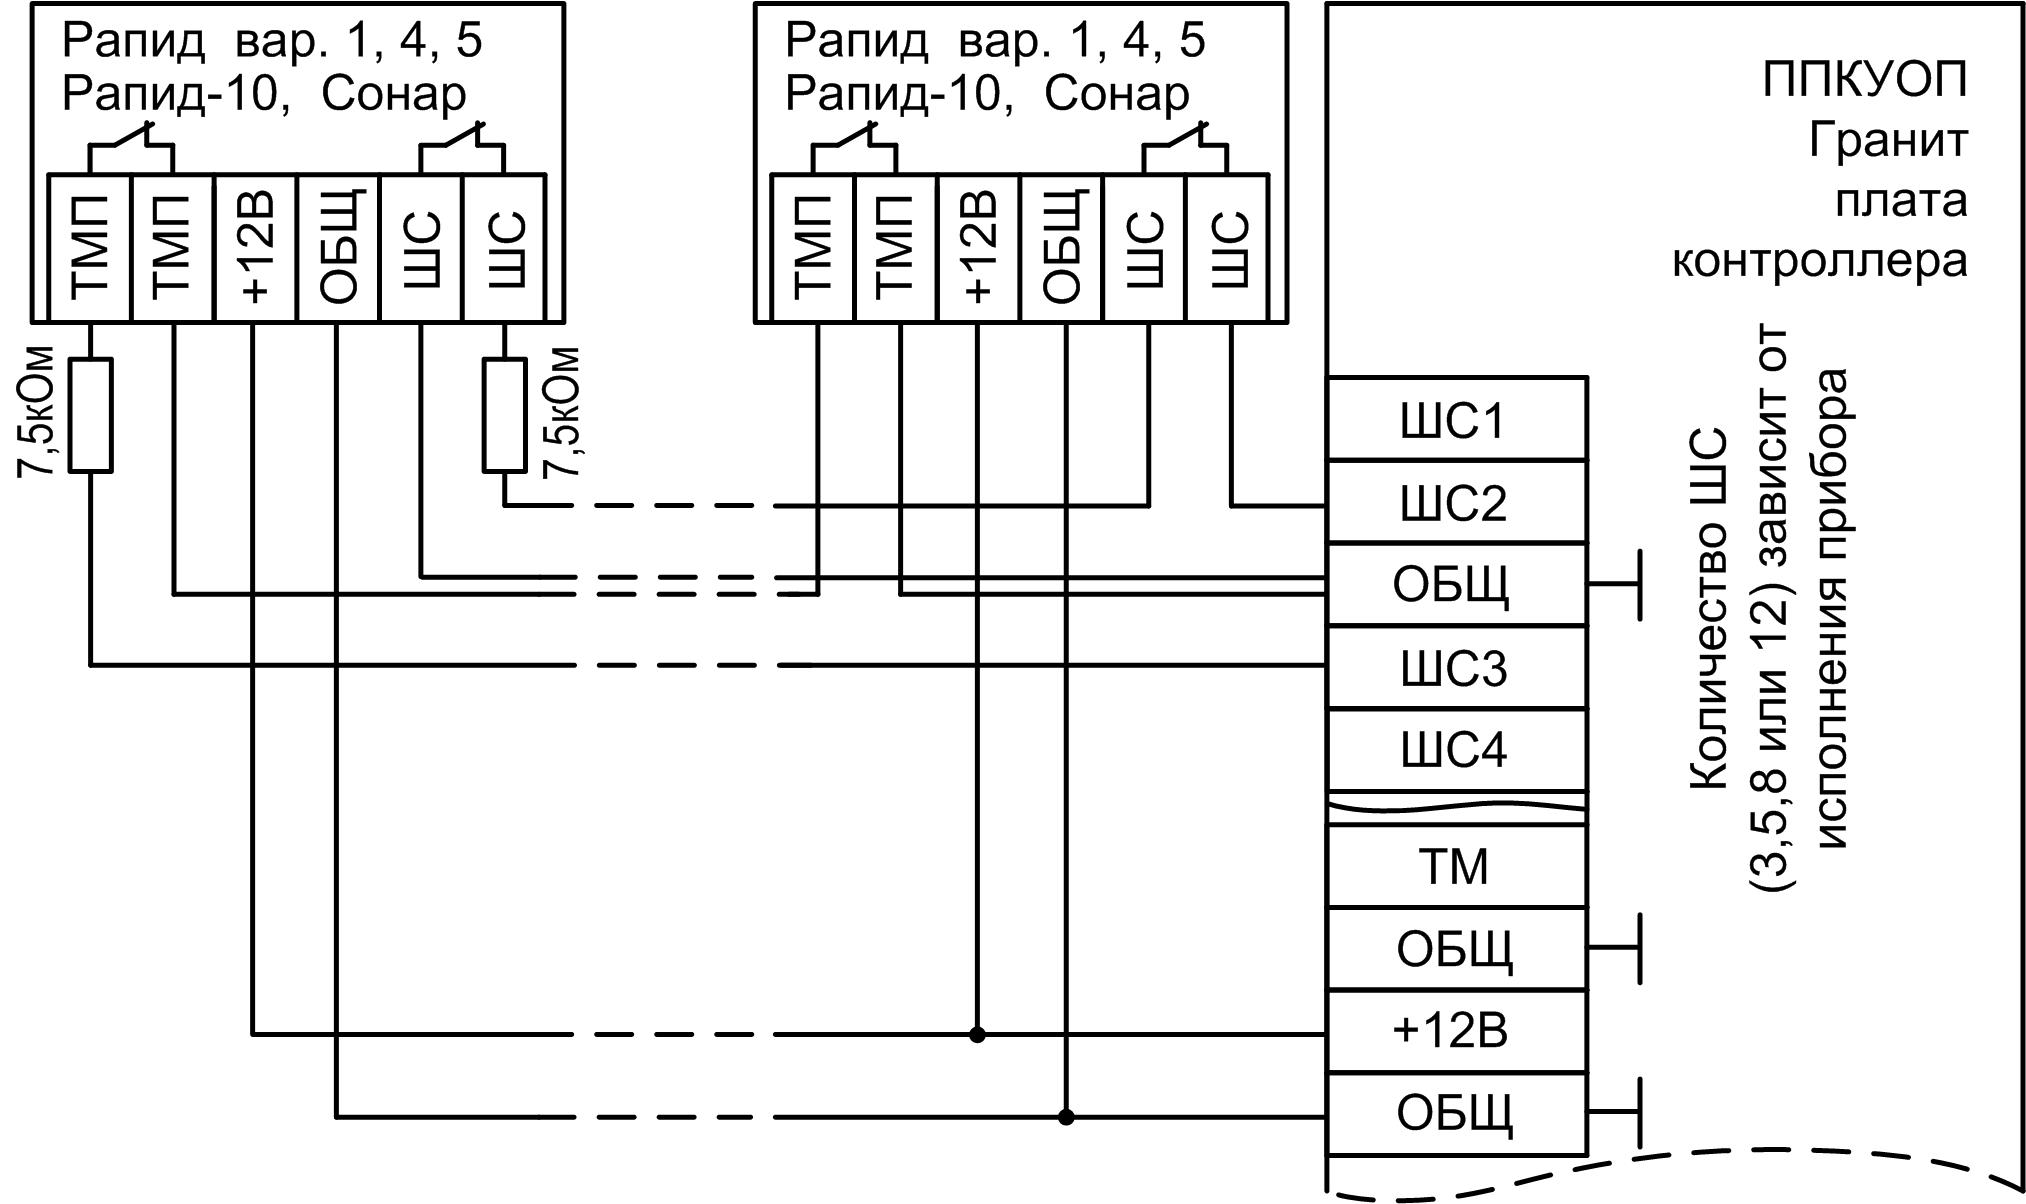 иэк опс схема подключения